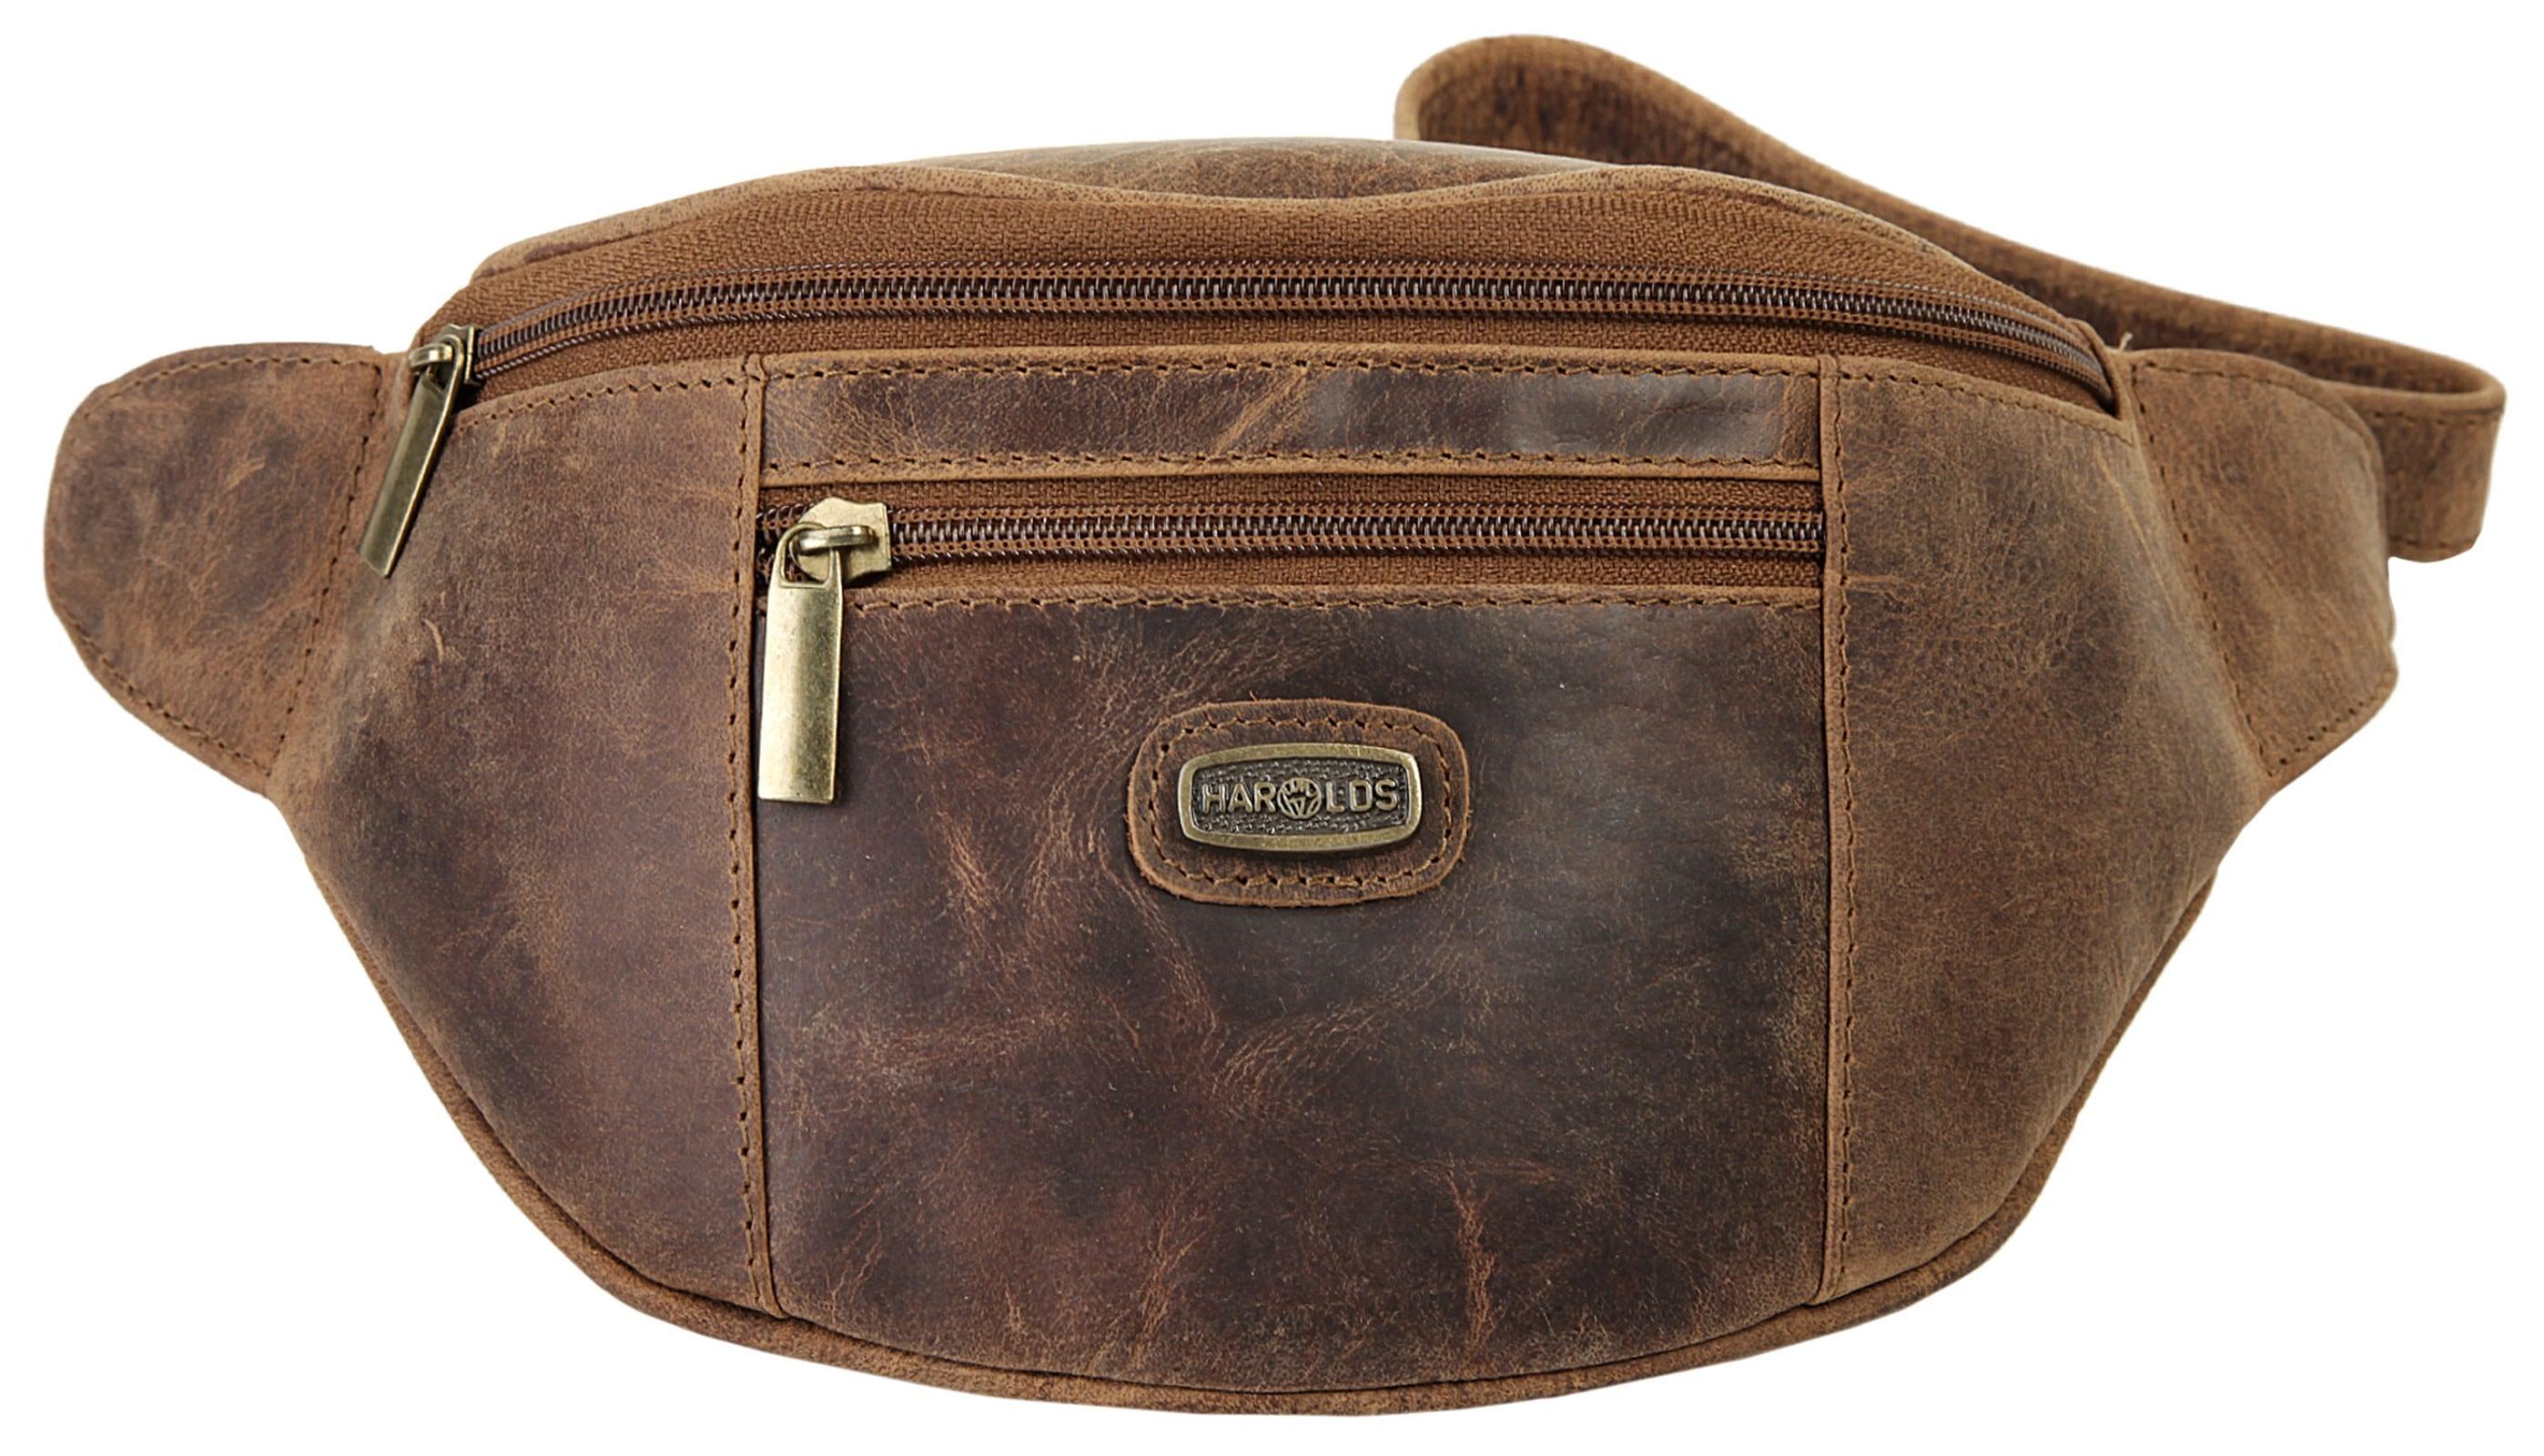 Harold's Gürteltasche braun Damen Handtaschen Taschen